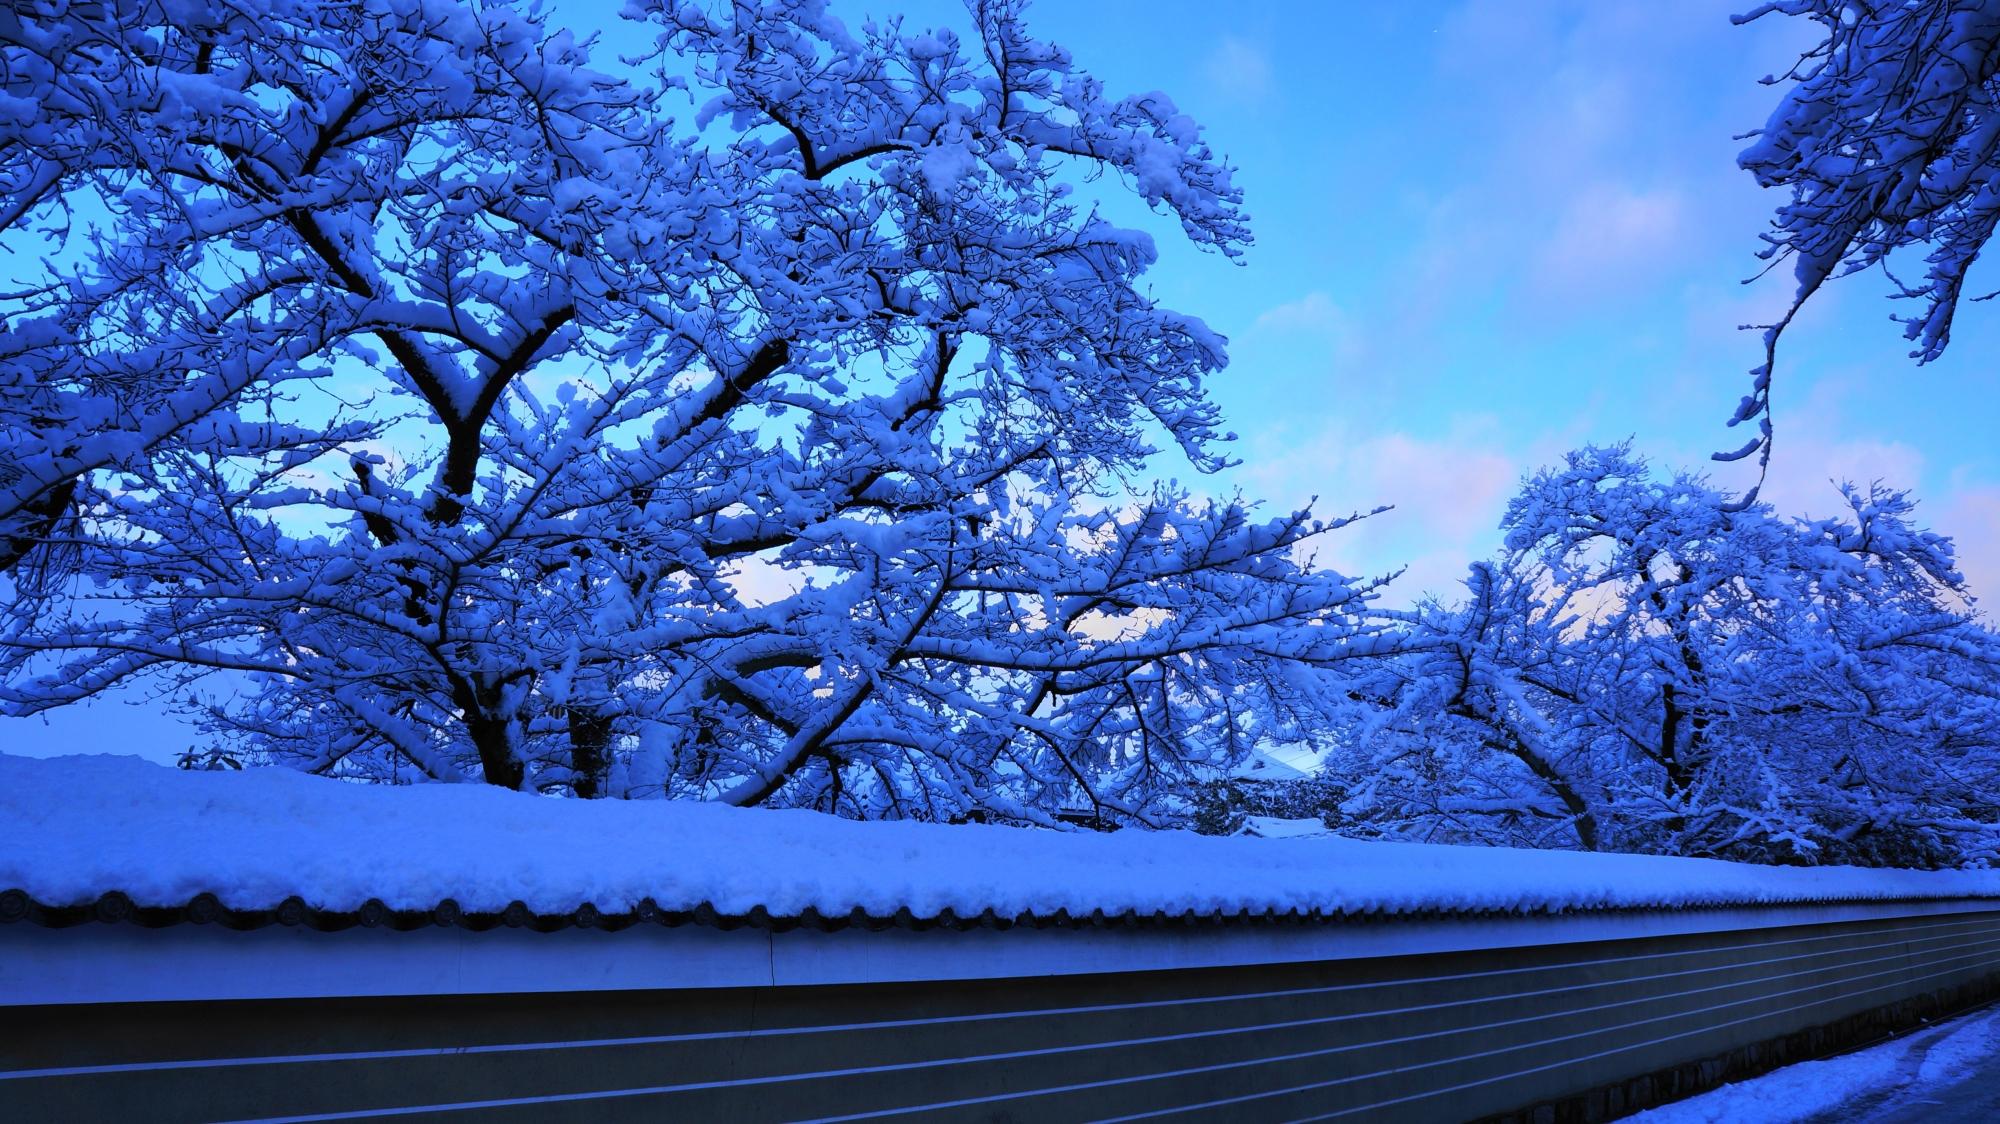 ピンクの朝焼けの出る幻想的な花見小路通りの冬景色